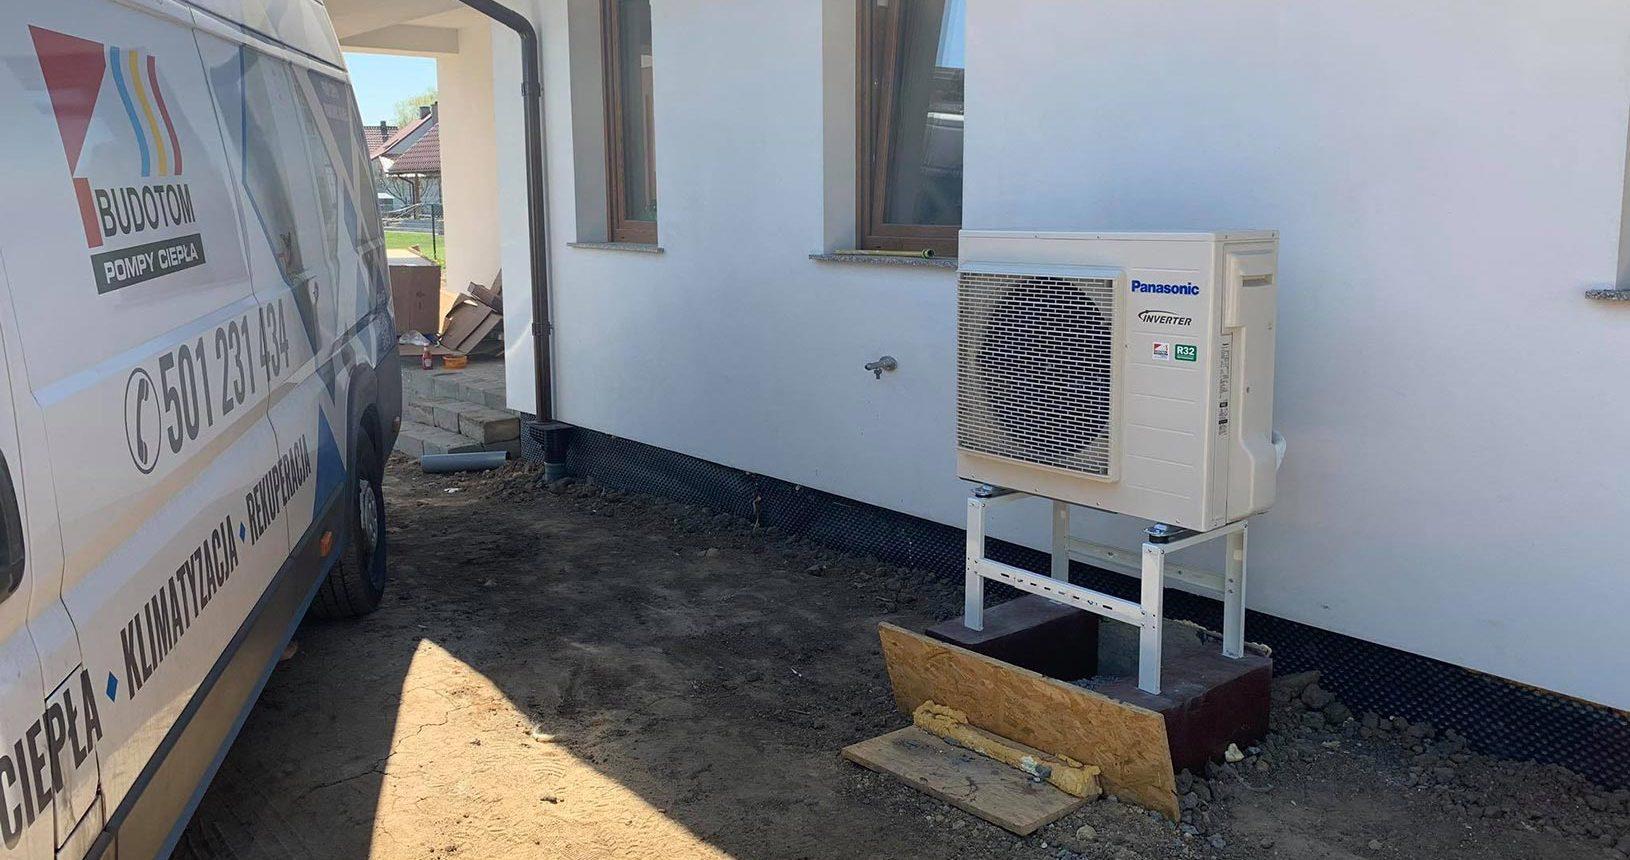 Budotom - systemy grzewcze i instalacje sanitarne